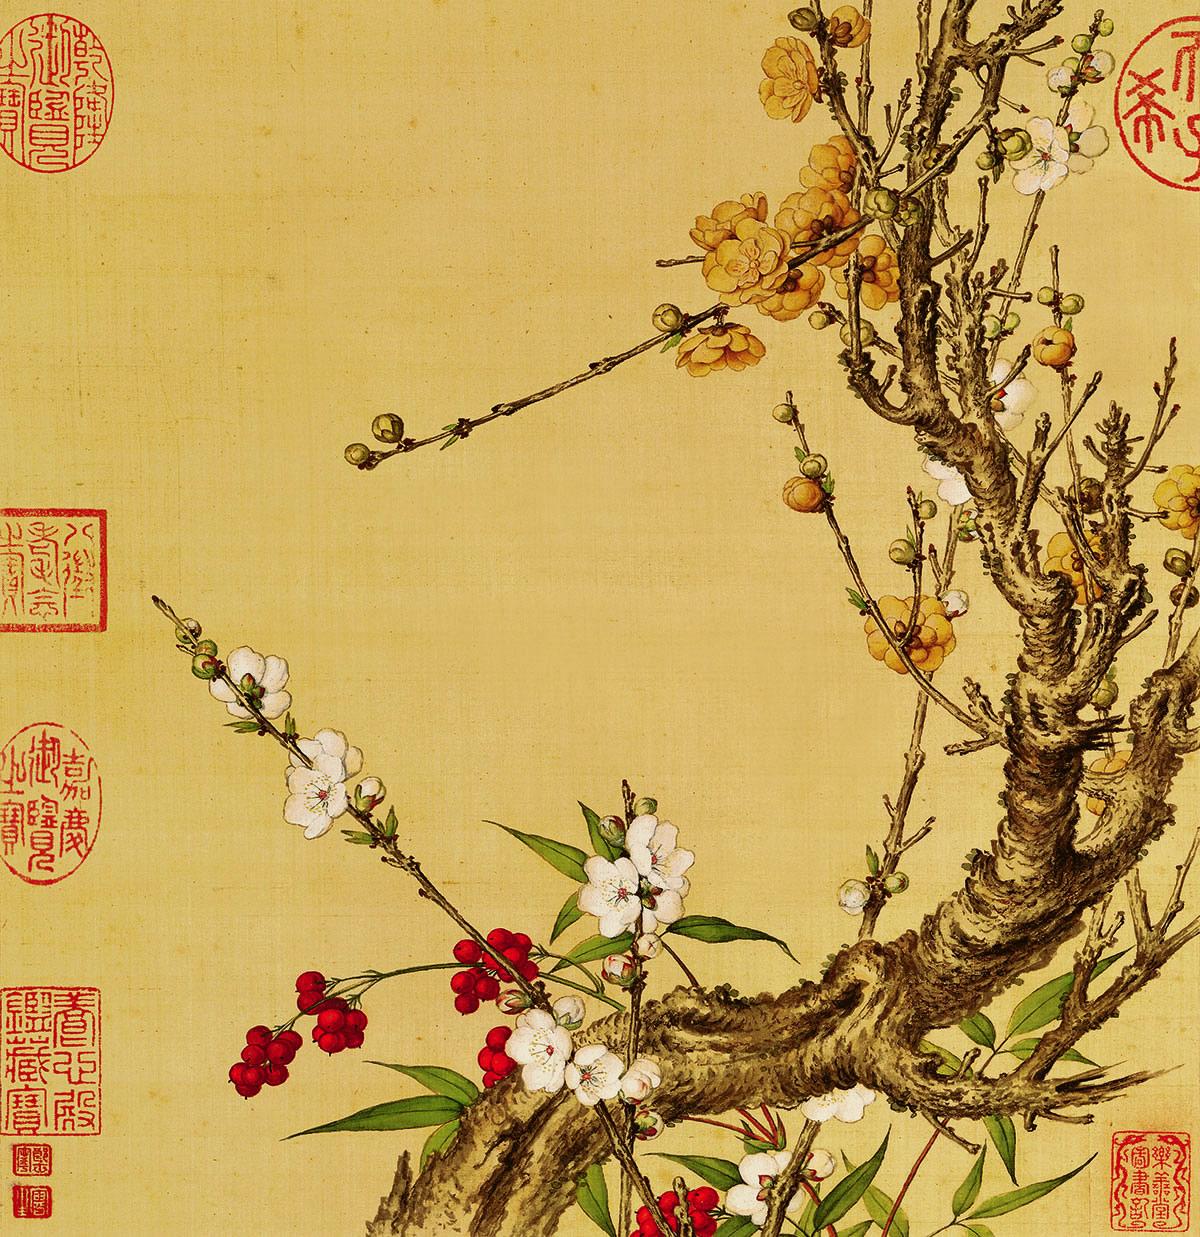 清 郎世宁 花鸟图册 1-16张作品欣赏